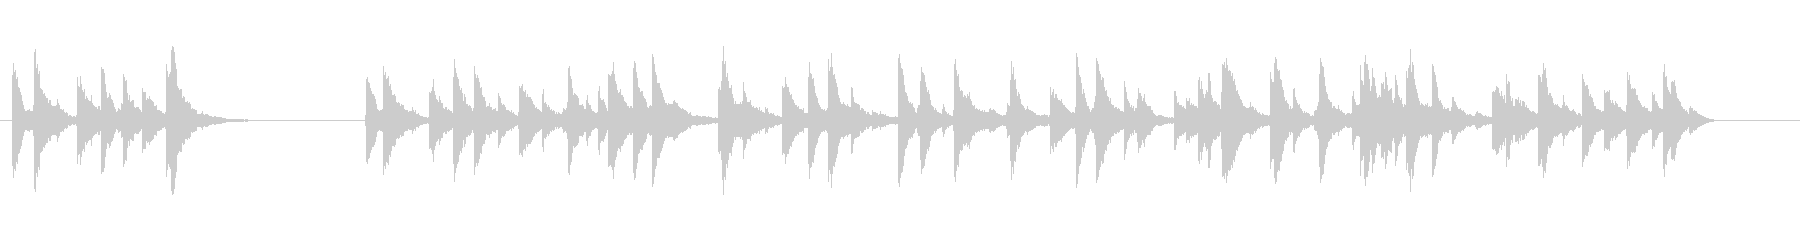 チャイム-タッチの未再生の波形